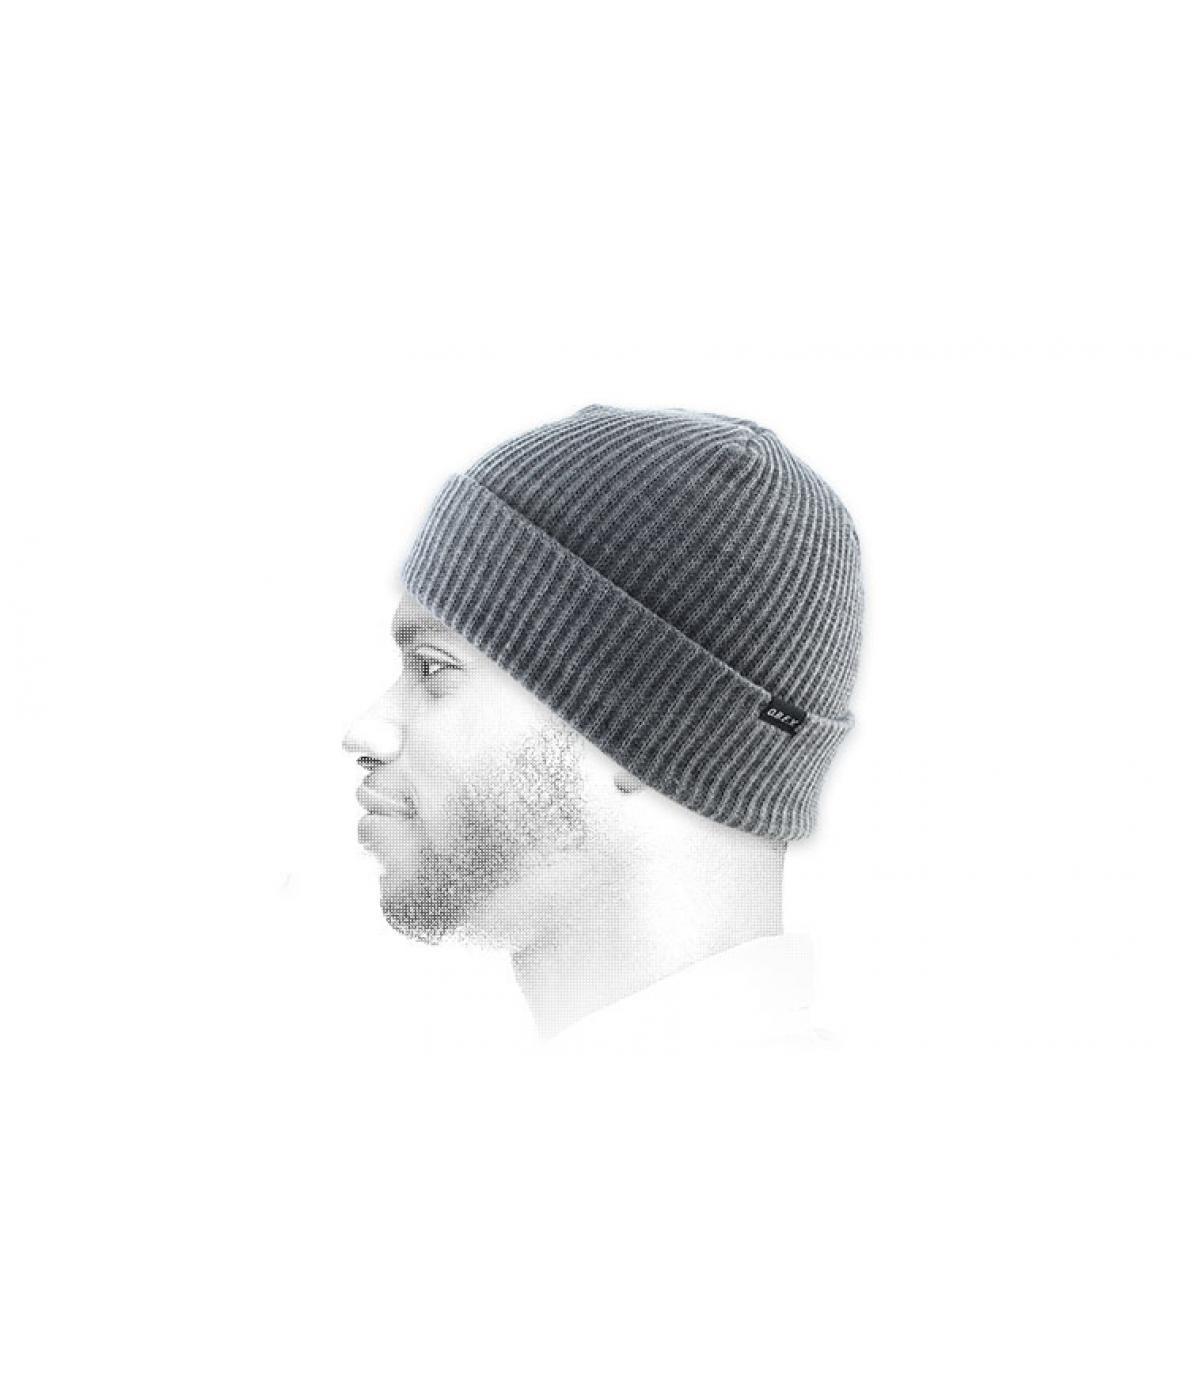 erica cappello grigio bavero Obey